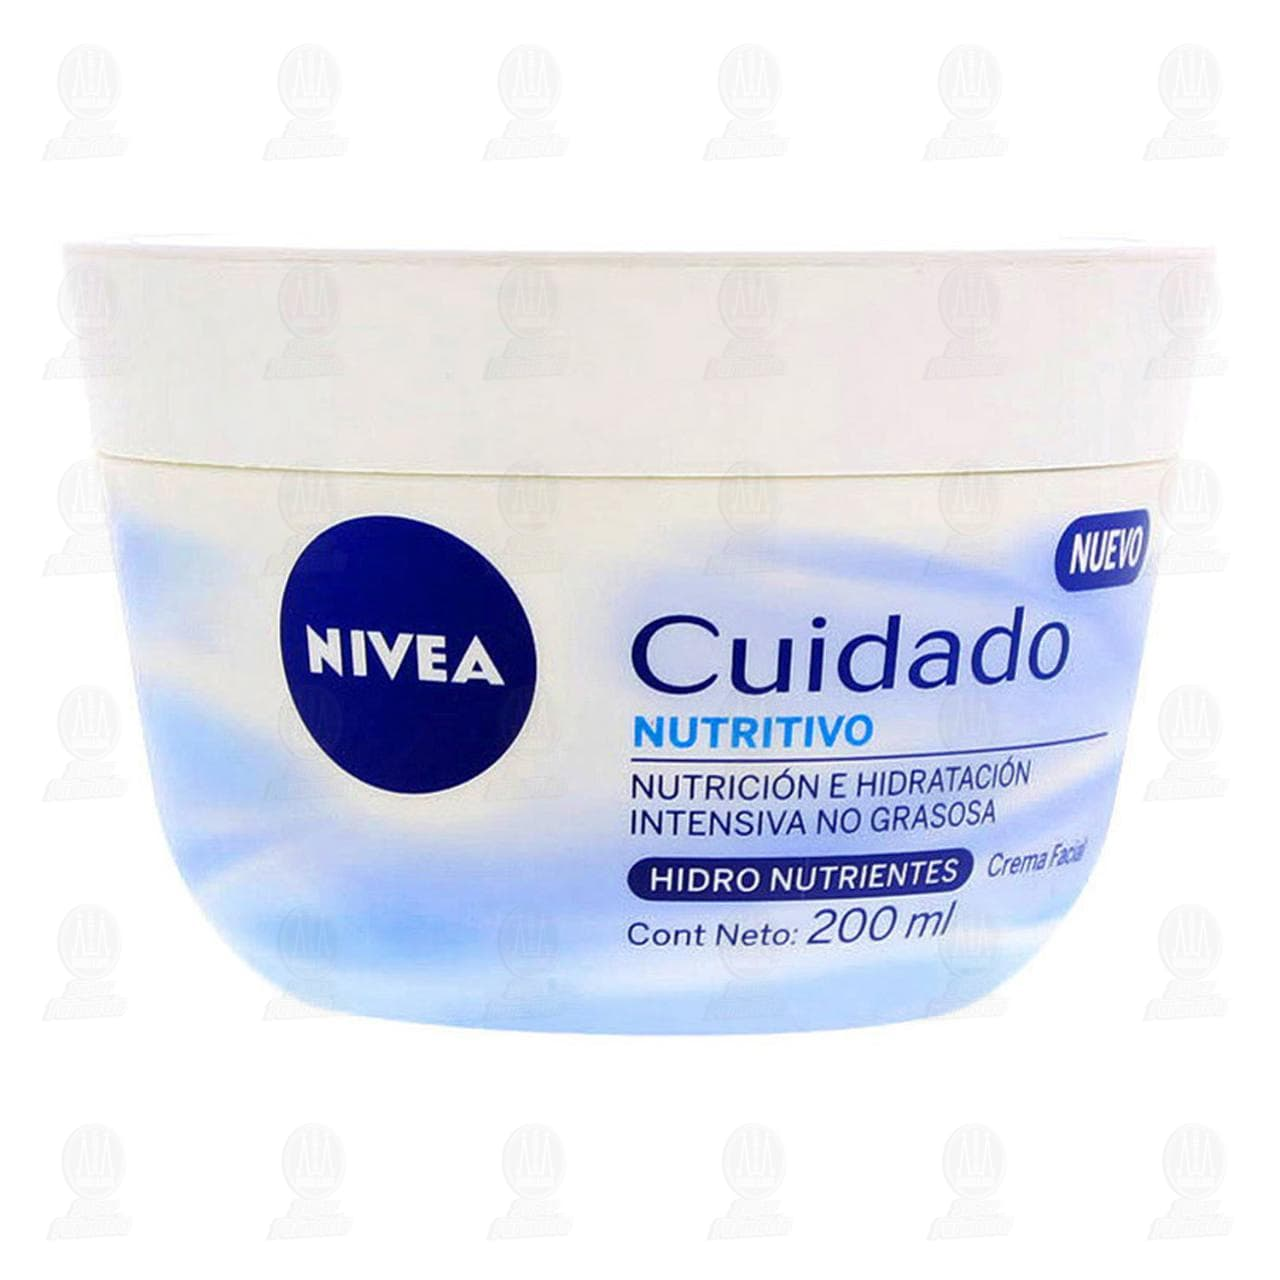 Comprar Crema de Cuidado Facial Nivea Nutritivo, 200 ml. en Farmacias Guadalajara